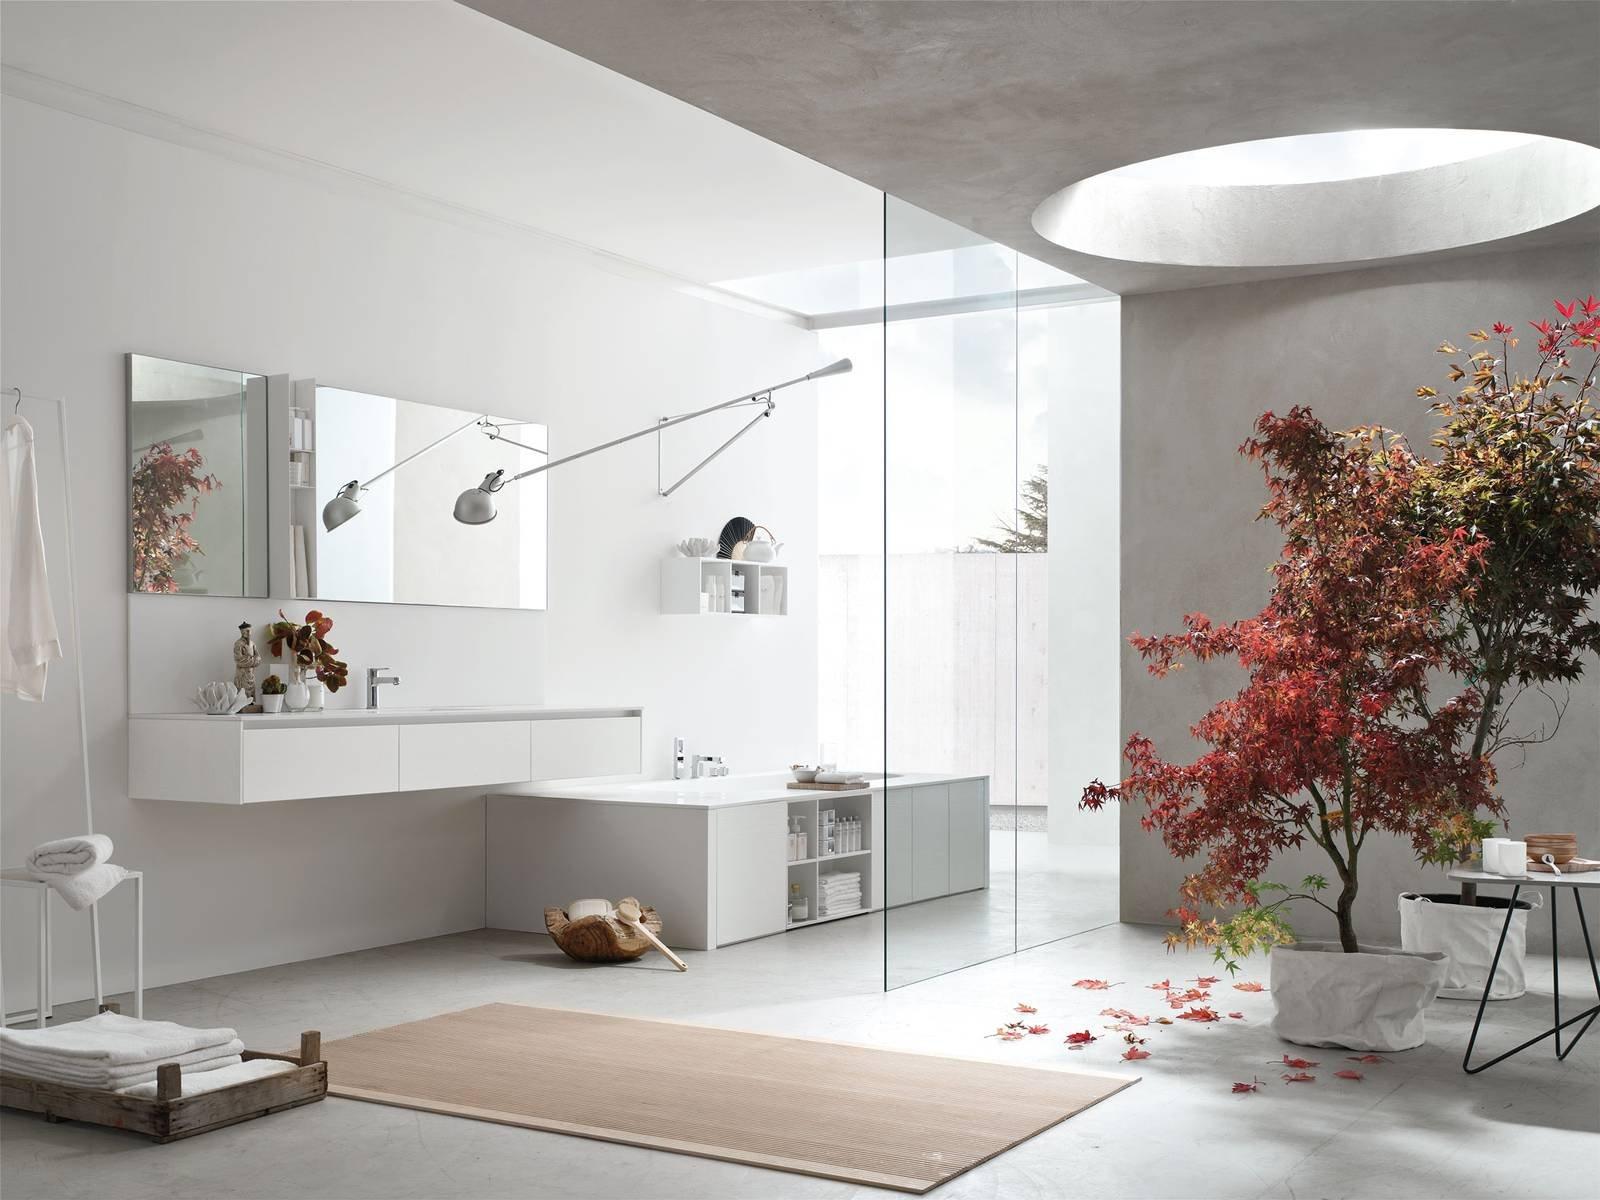 Arredare il bagno con escape di arcom cose di casa - Bagno di casa ...